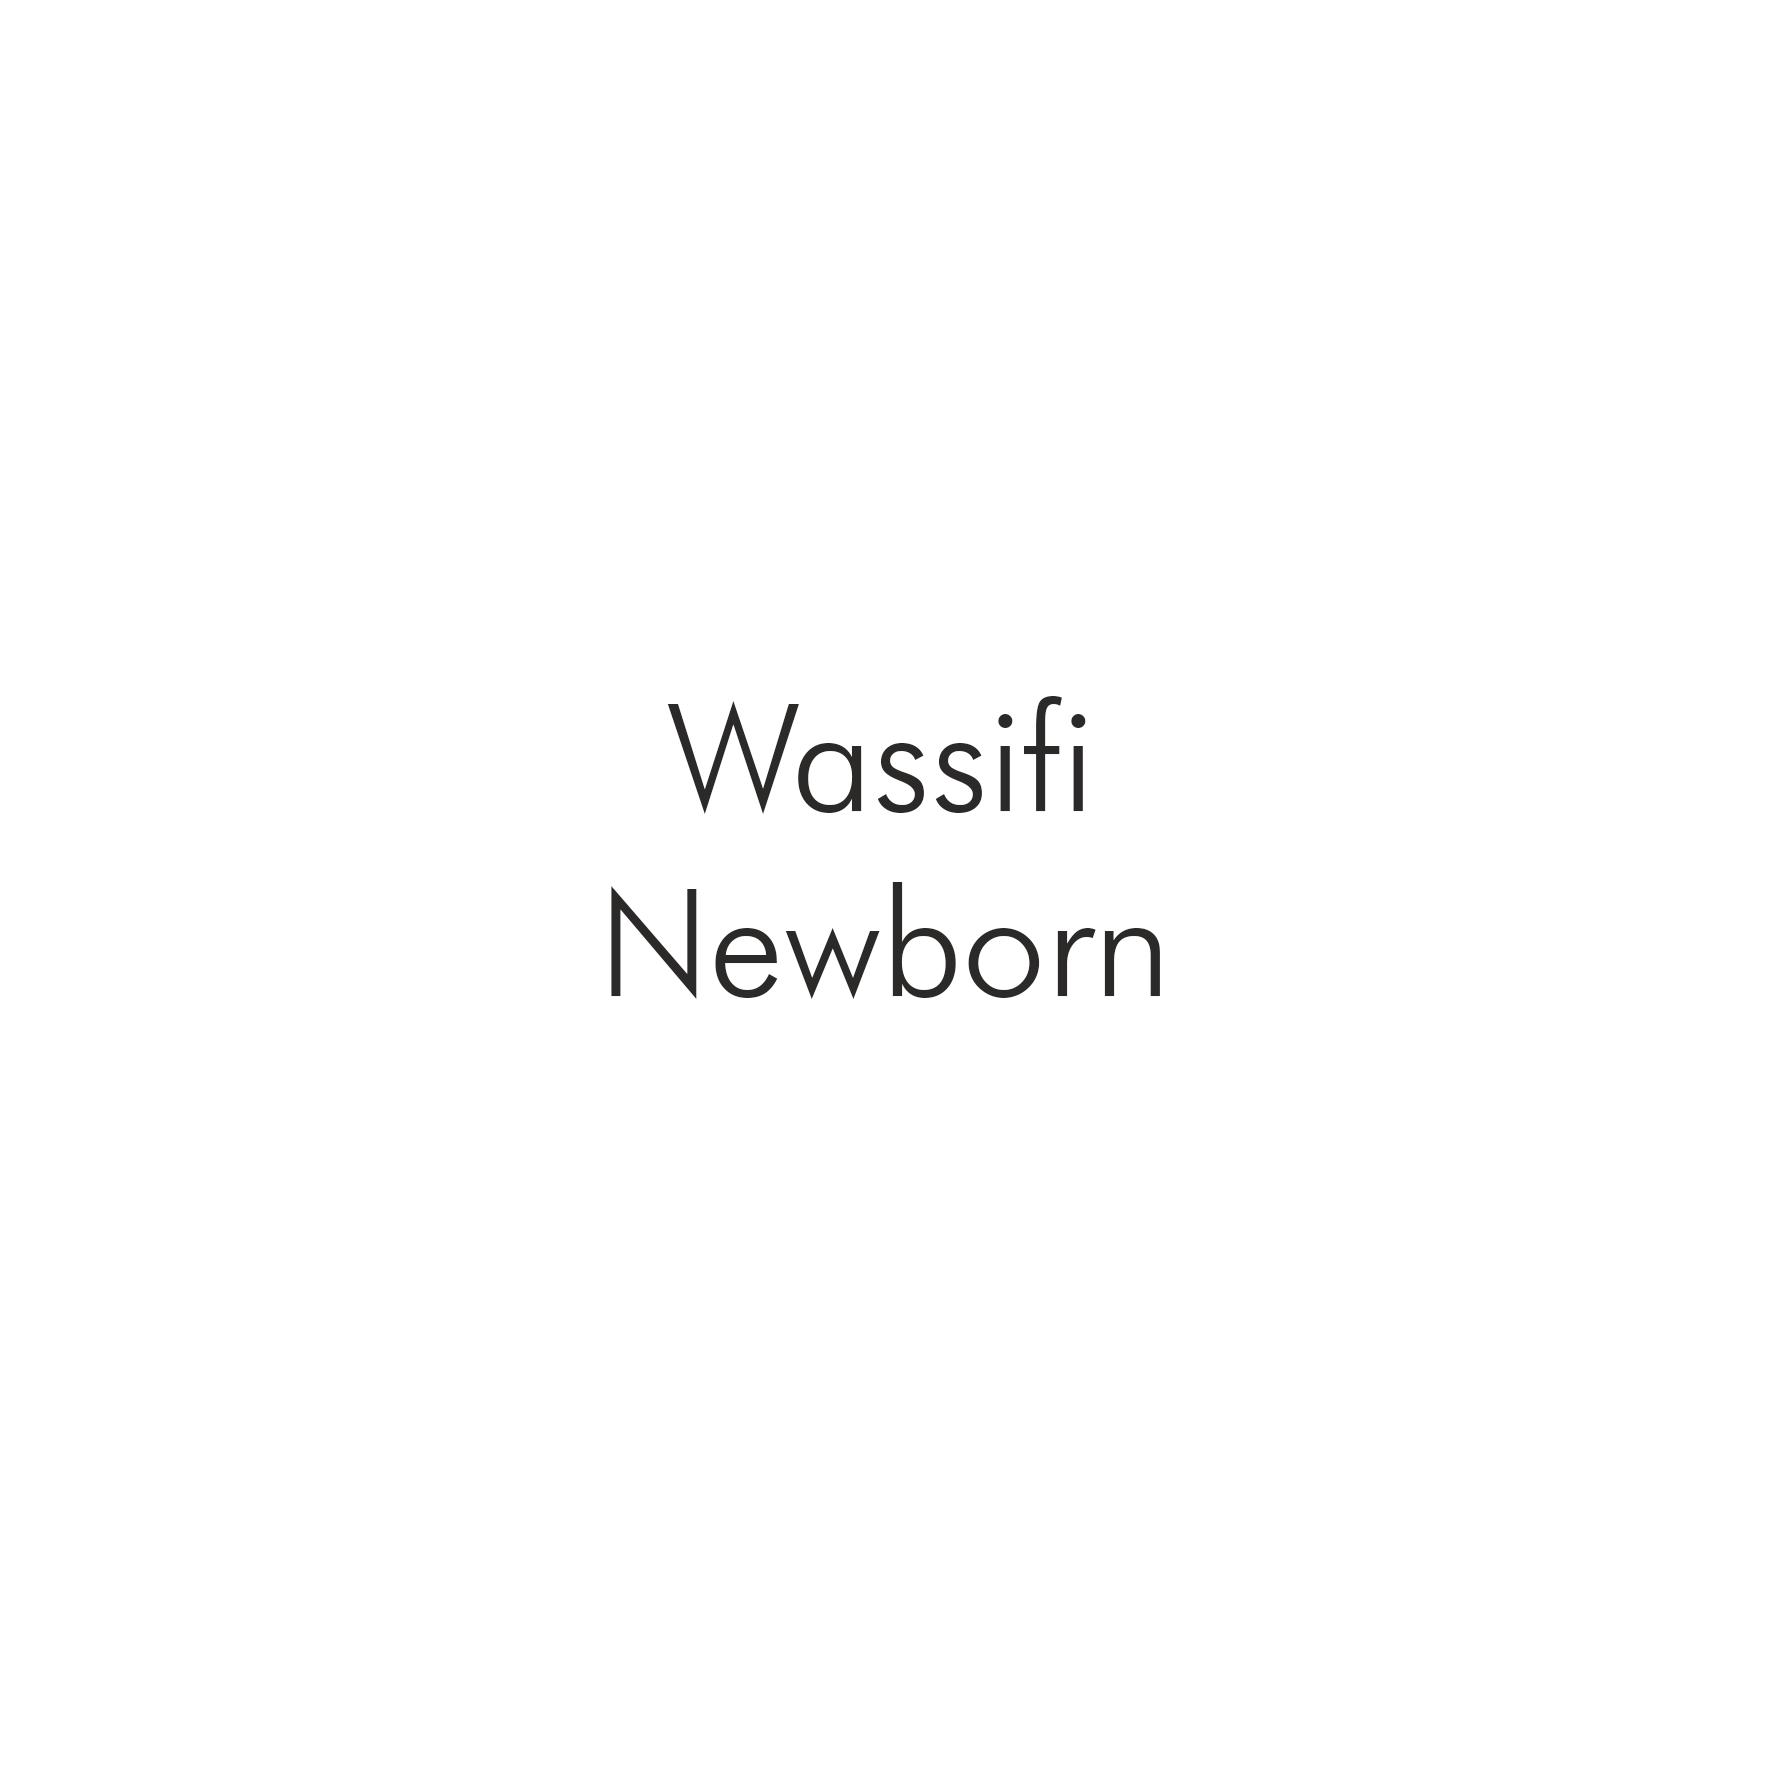 Wassifi Newborn.png